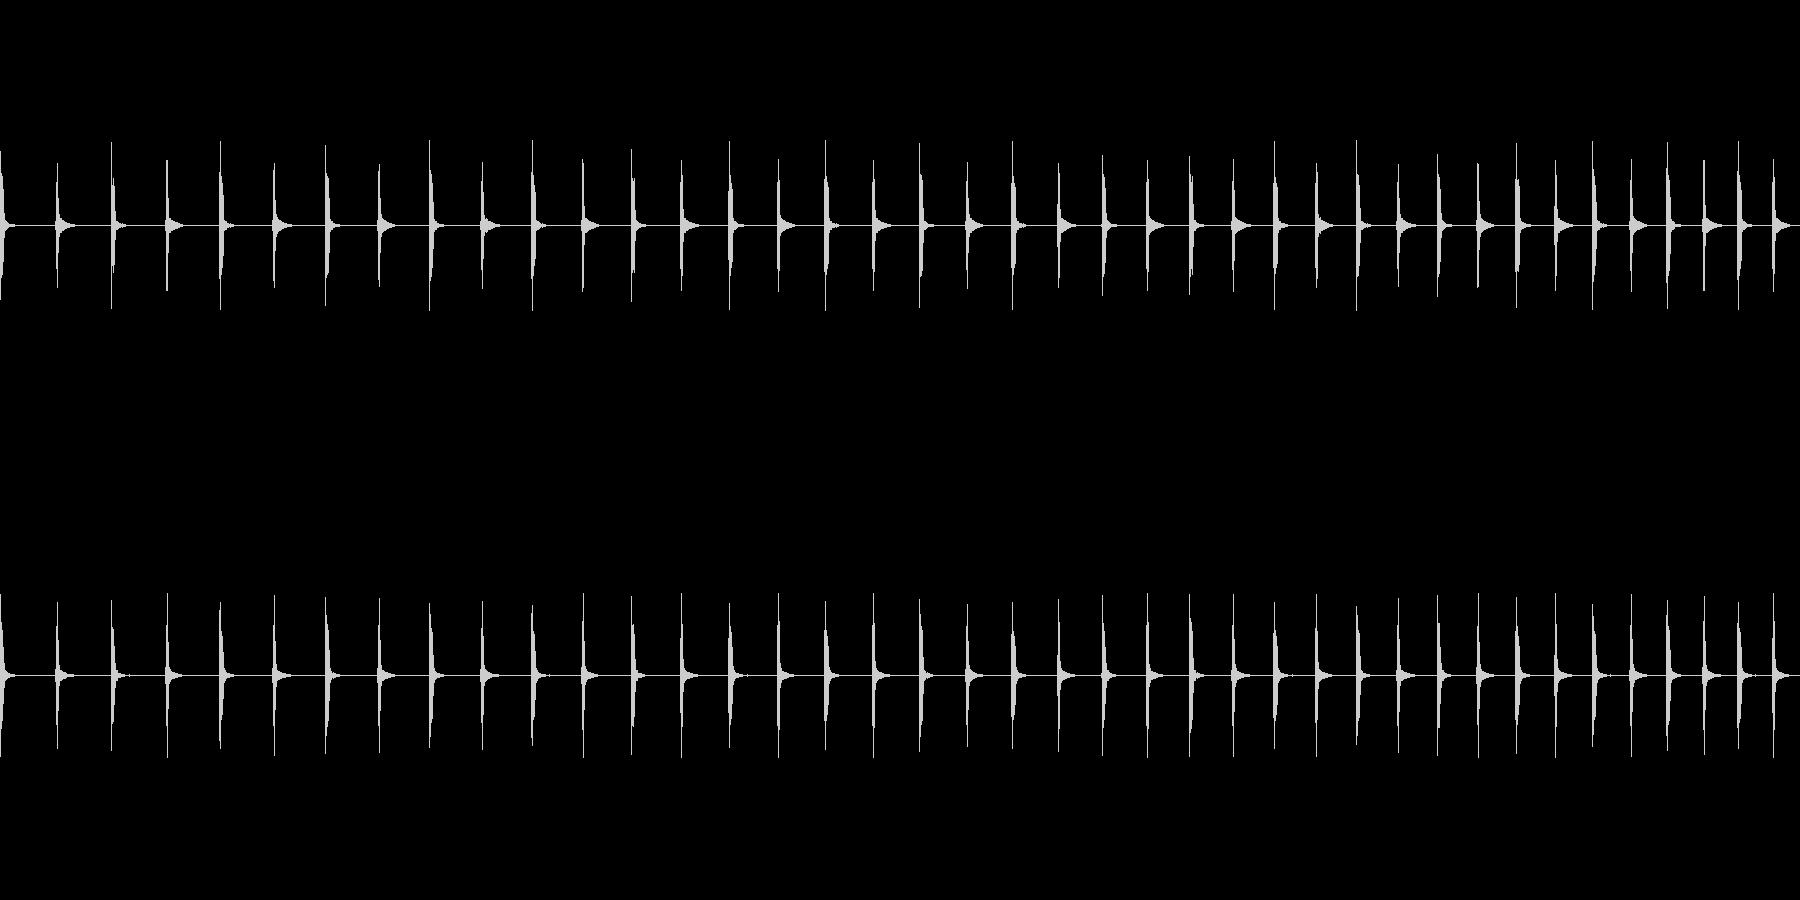 チッチッチ:早くなる秒針の音の未再生の波形